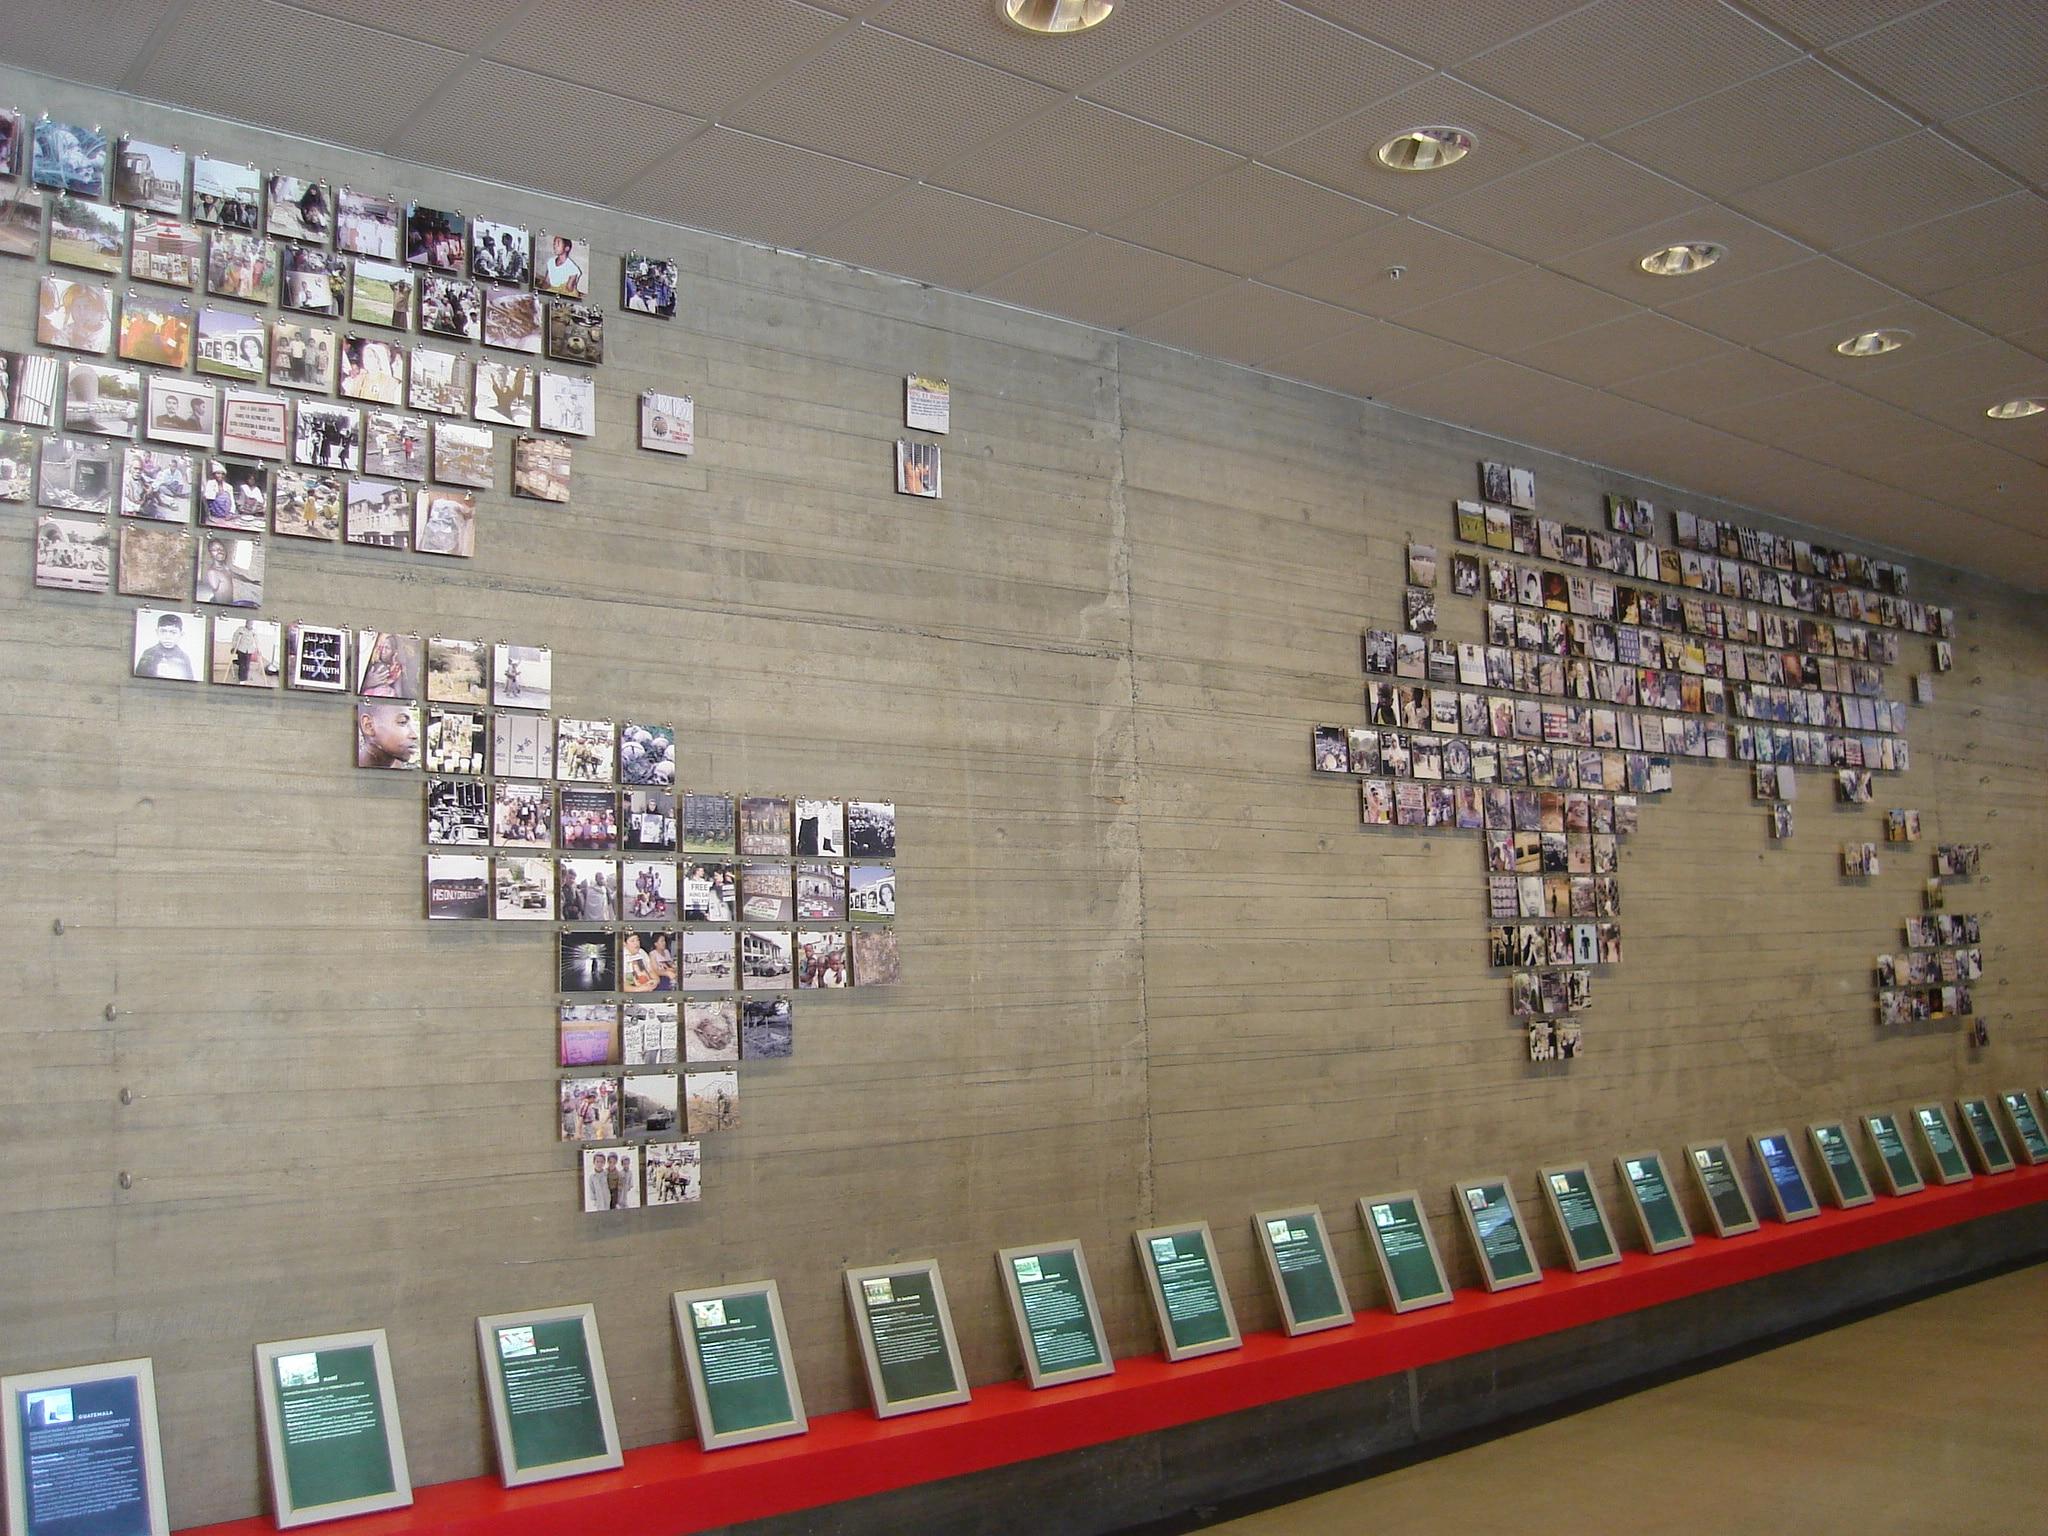 La mappa raccoglie tutte le Commissioni per la Verità e Riconciliazione, Museum of Memory and Human Rights, Santiago, Cile. Foto su Wikipedia in CC.